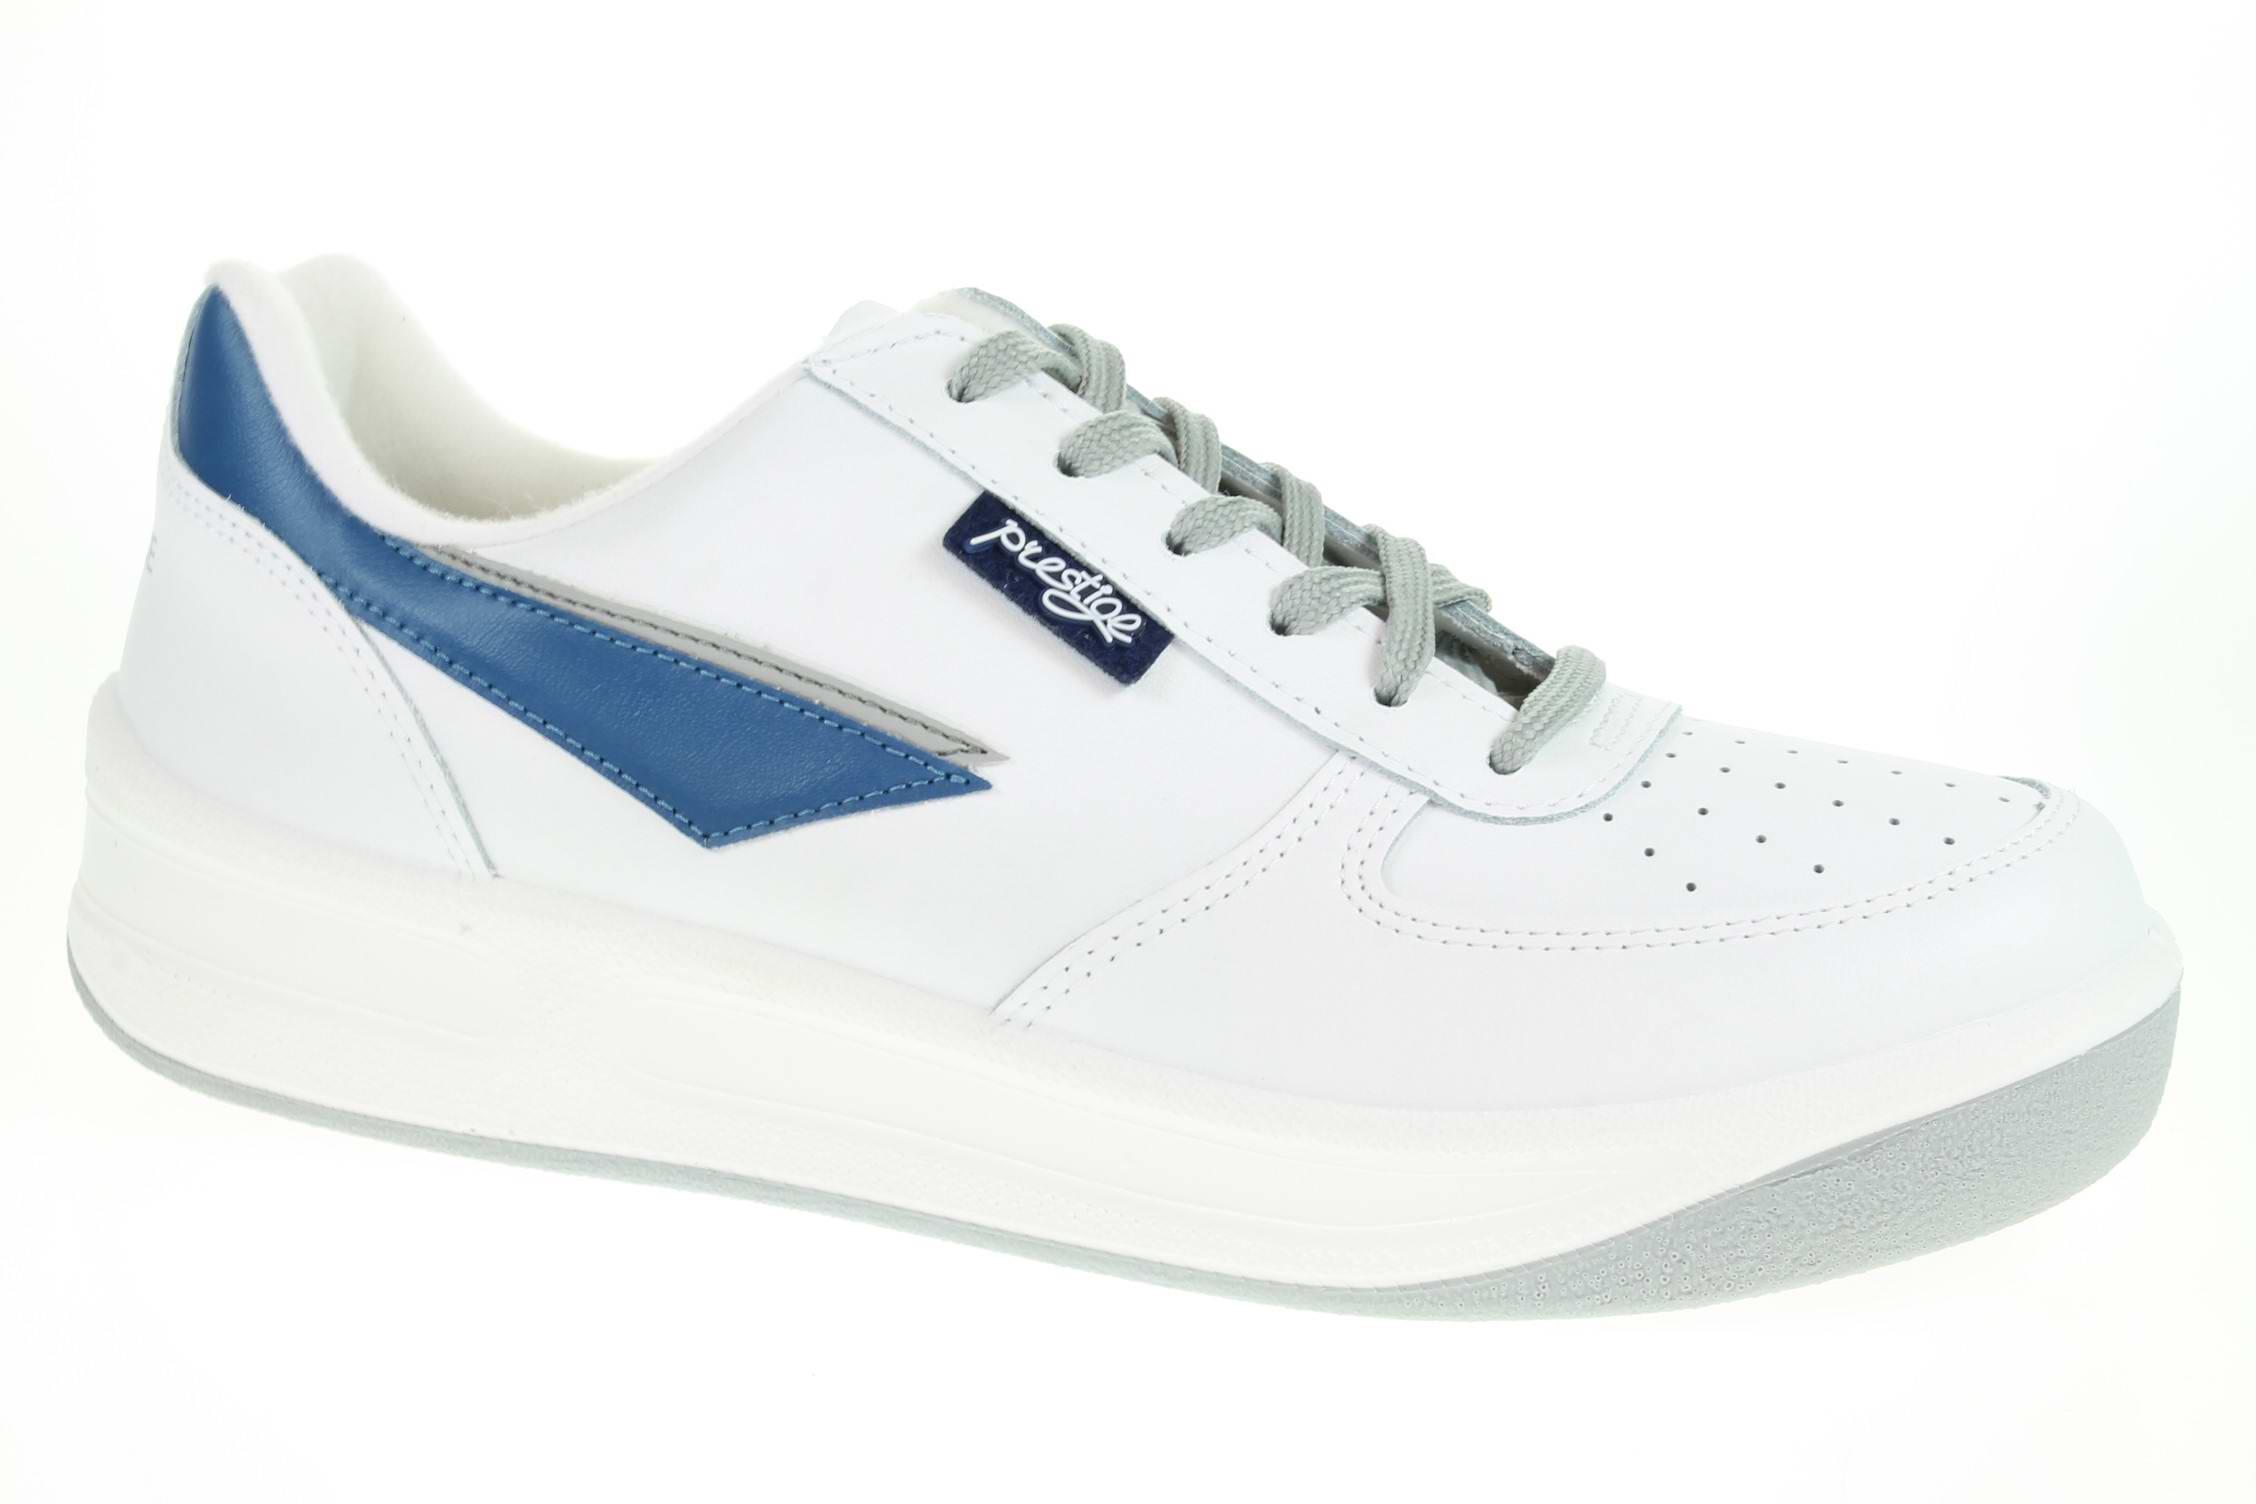 Prestige dámská obuv 86808-10 bílá  1be7d61f54c